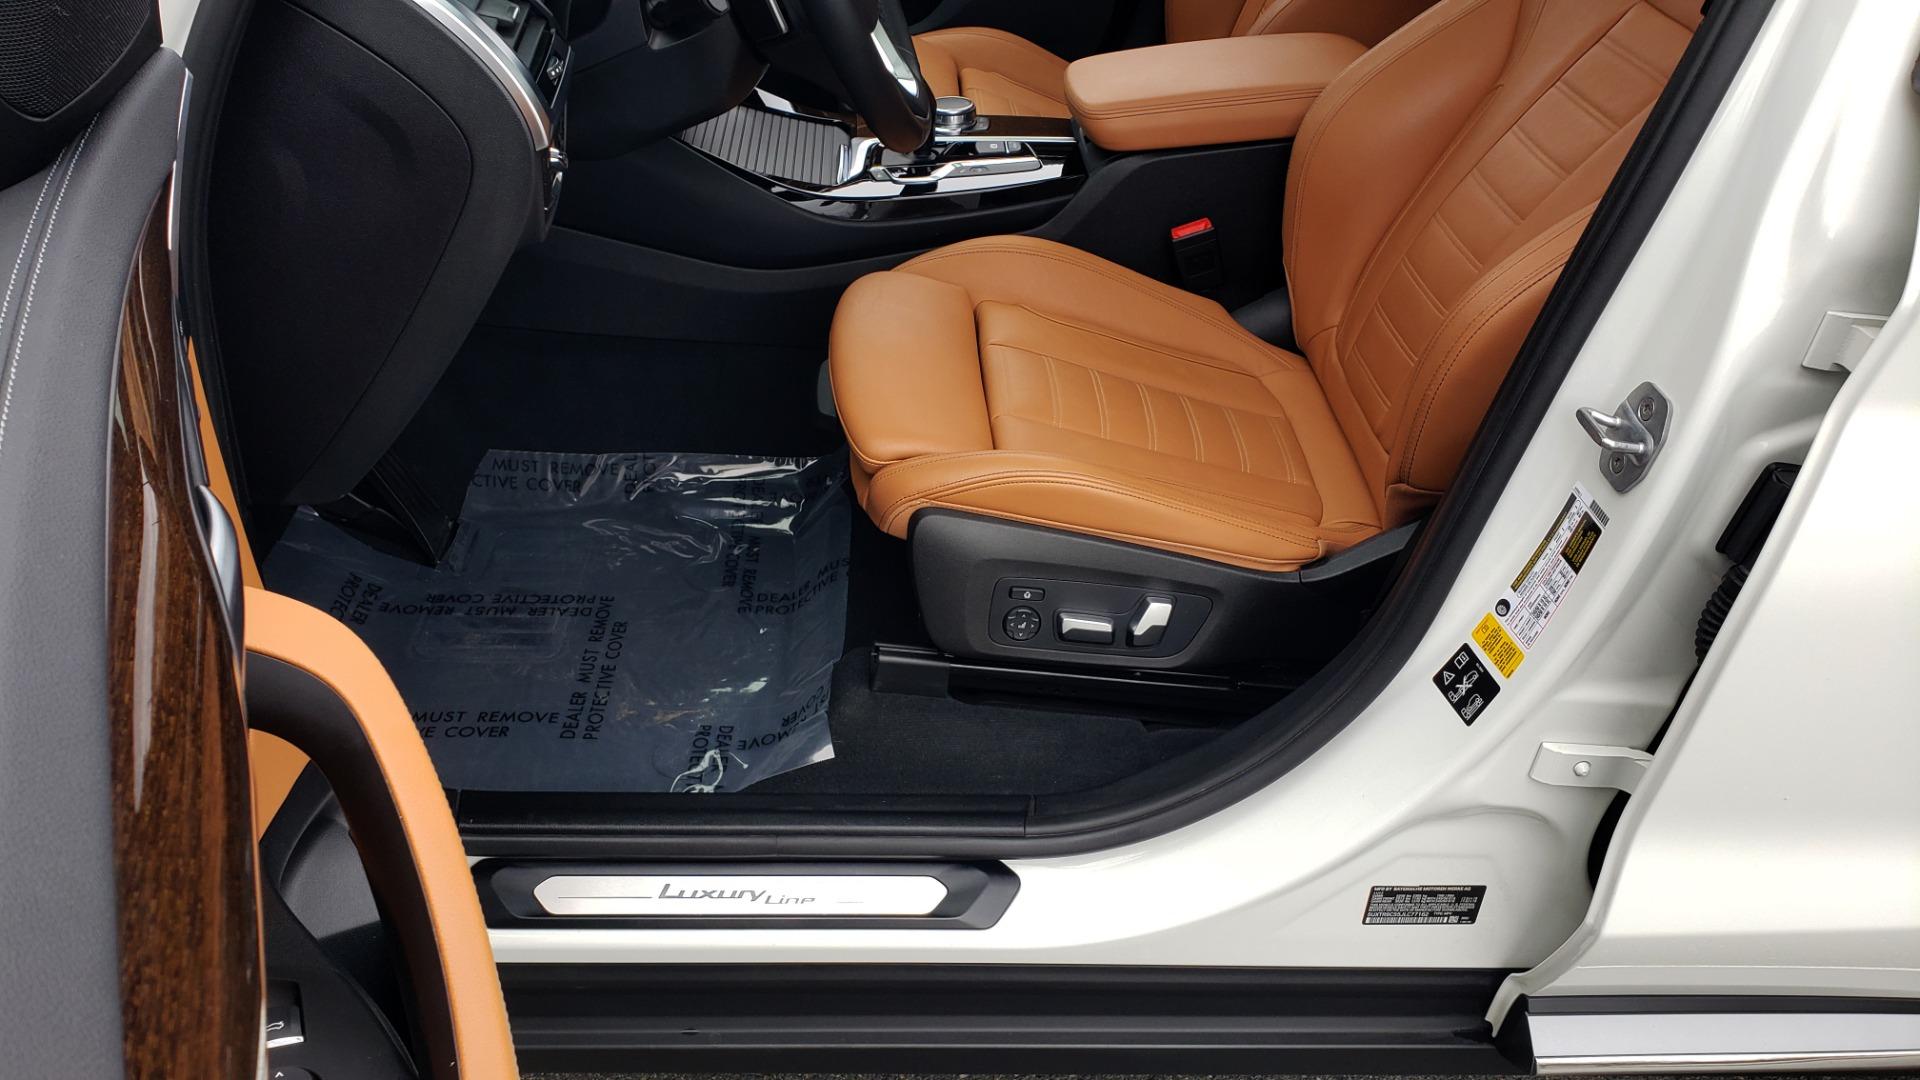 Used 2018 BMW X3 XDRIVE30I / LUX PKG / PREM PKG / CONV PKG / PDC / APPLE CARPLAY for sale Sold at Formula Imports in Charlotte NC 28227 37